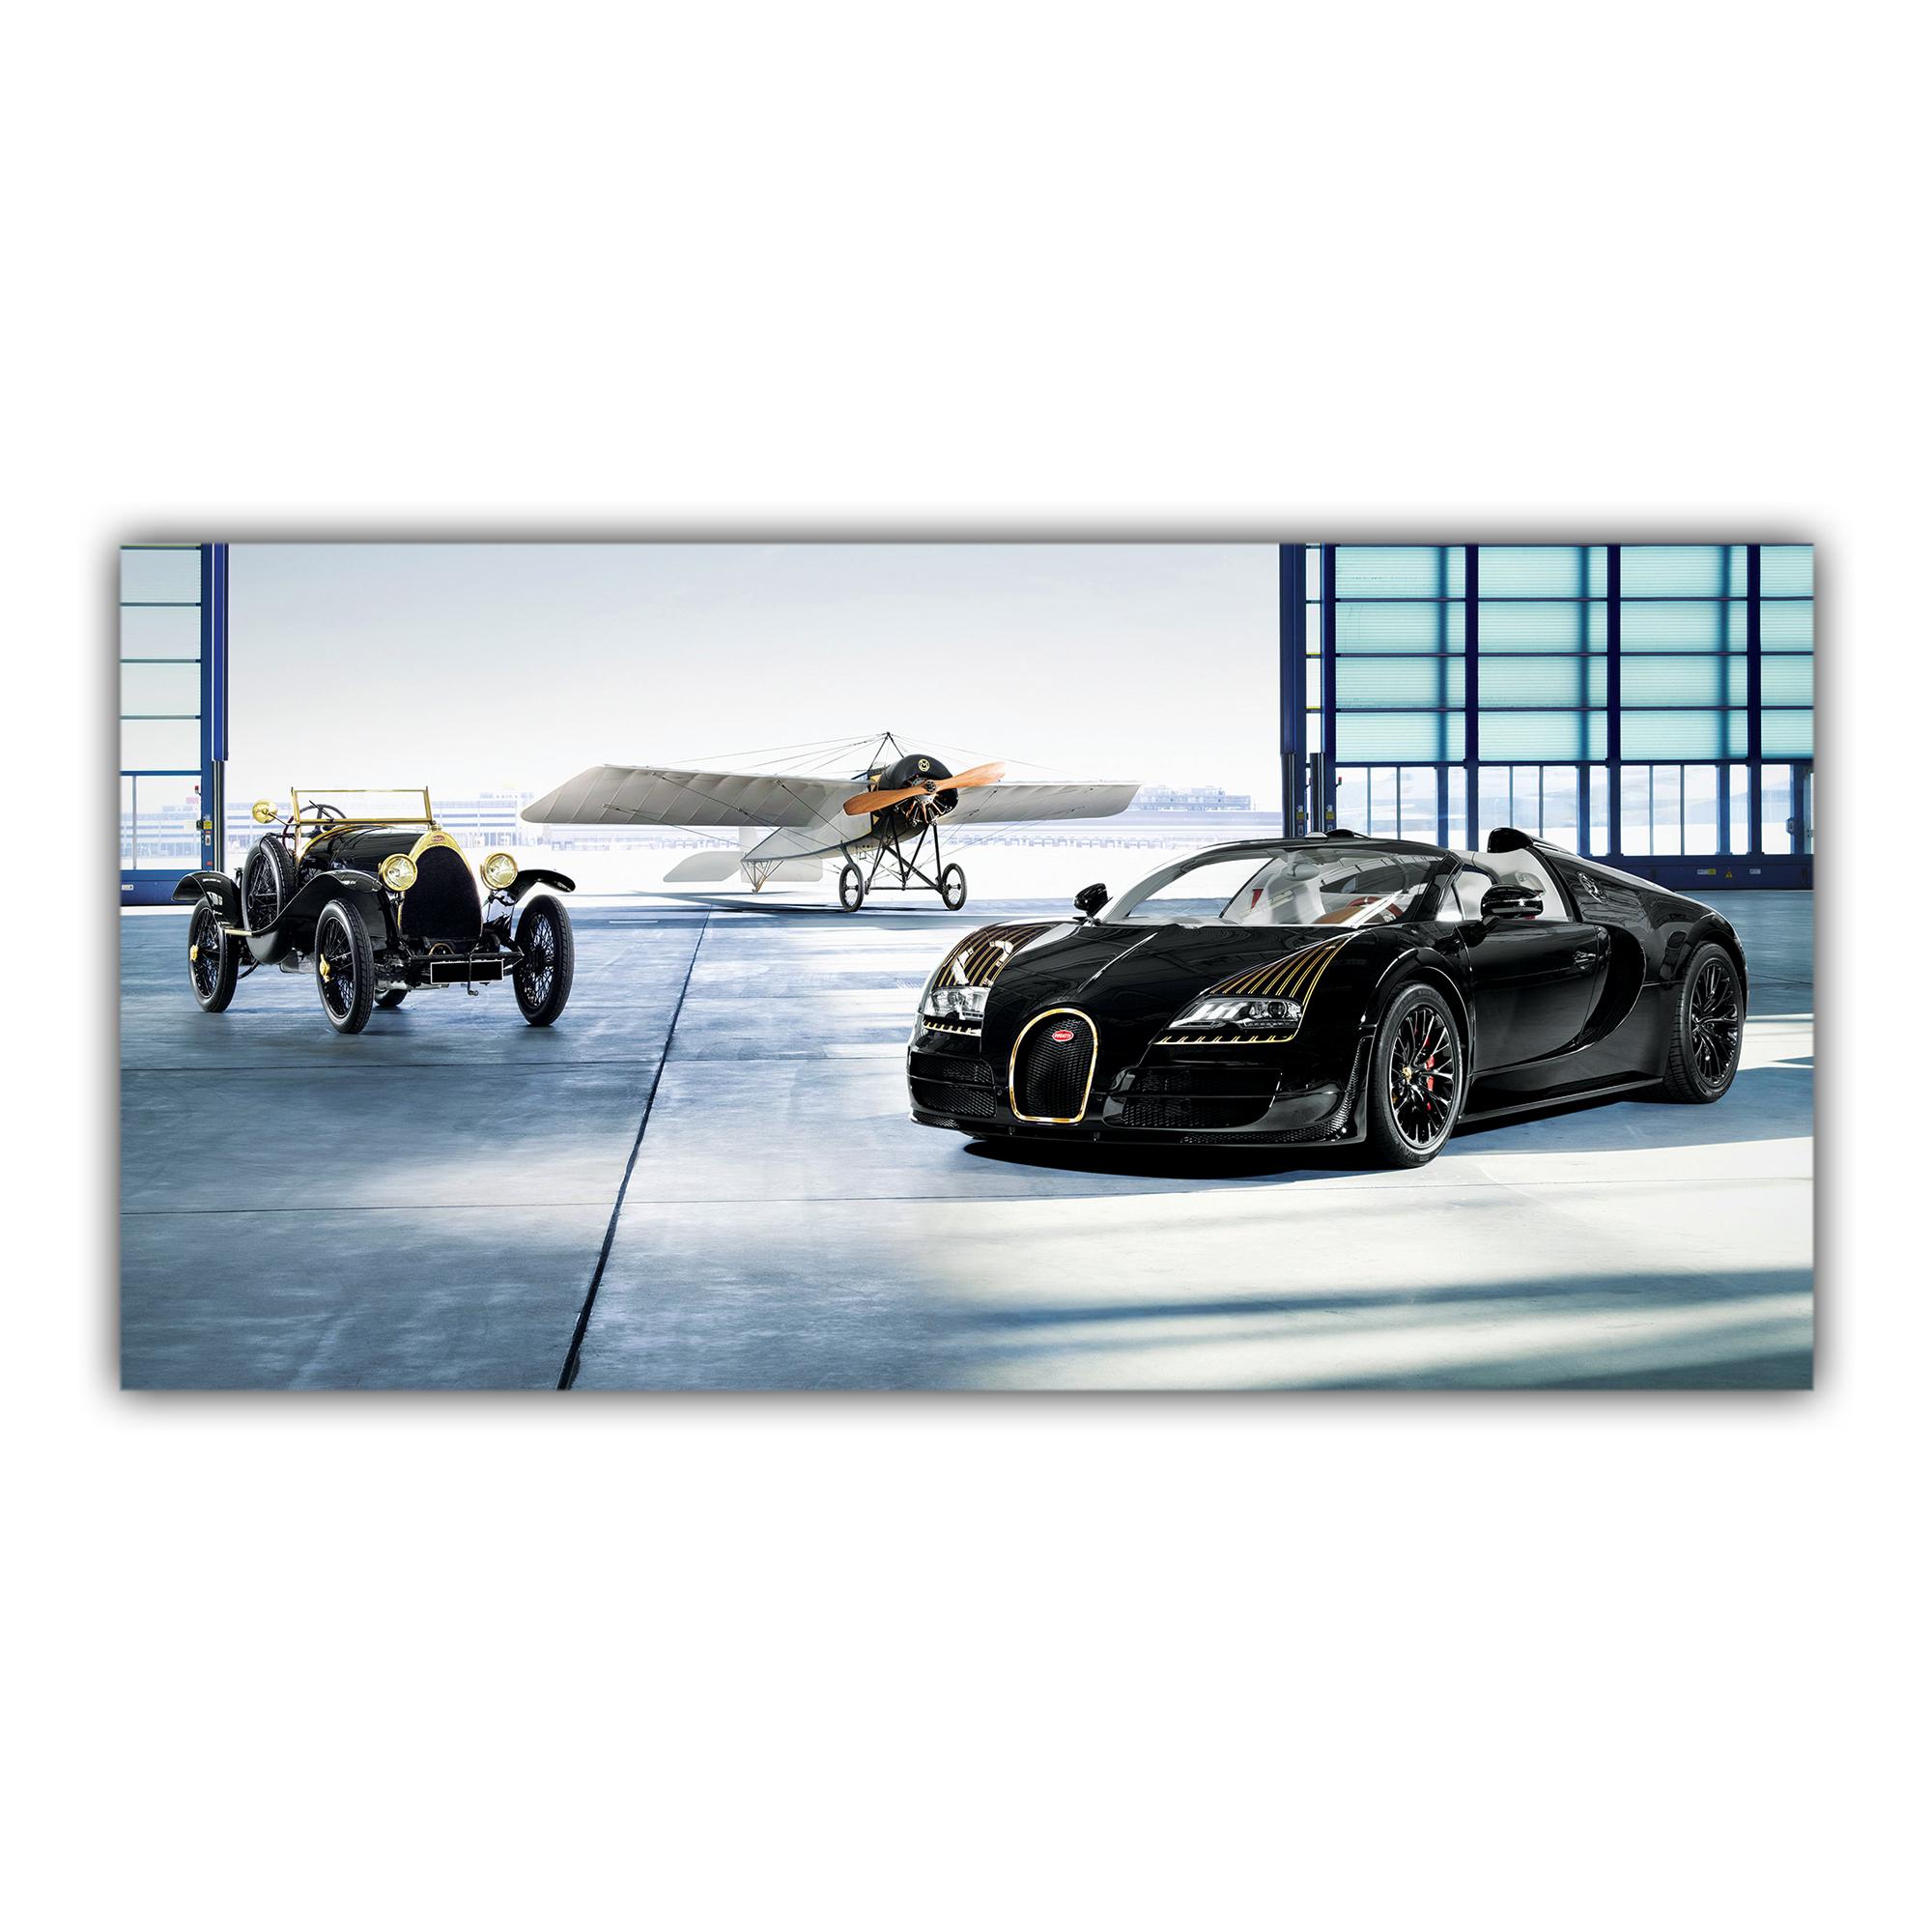 Bugatti Veyron Sport Voiture Avion